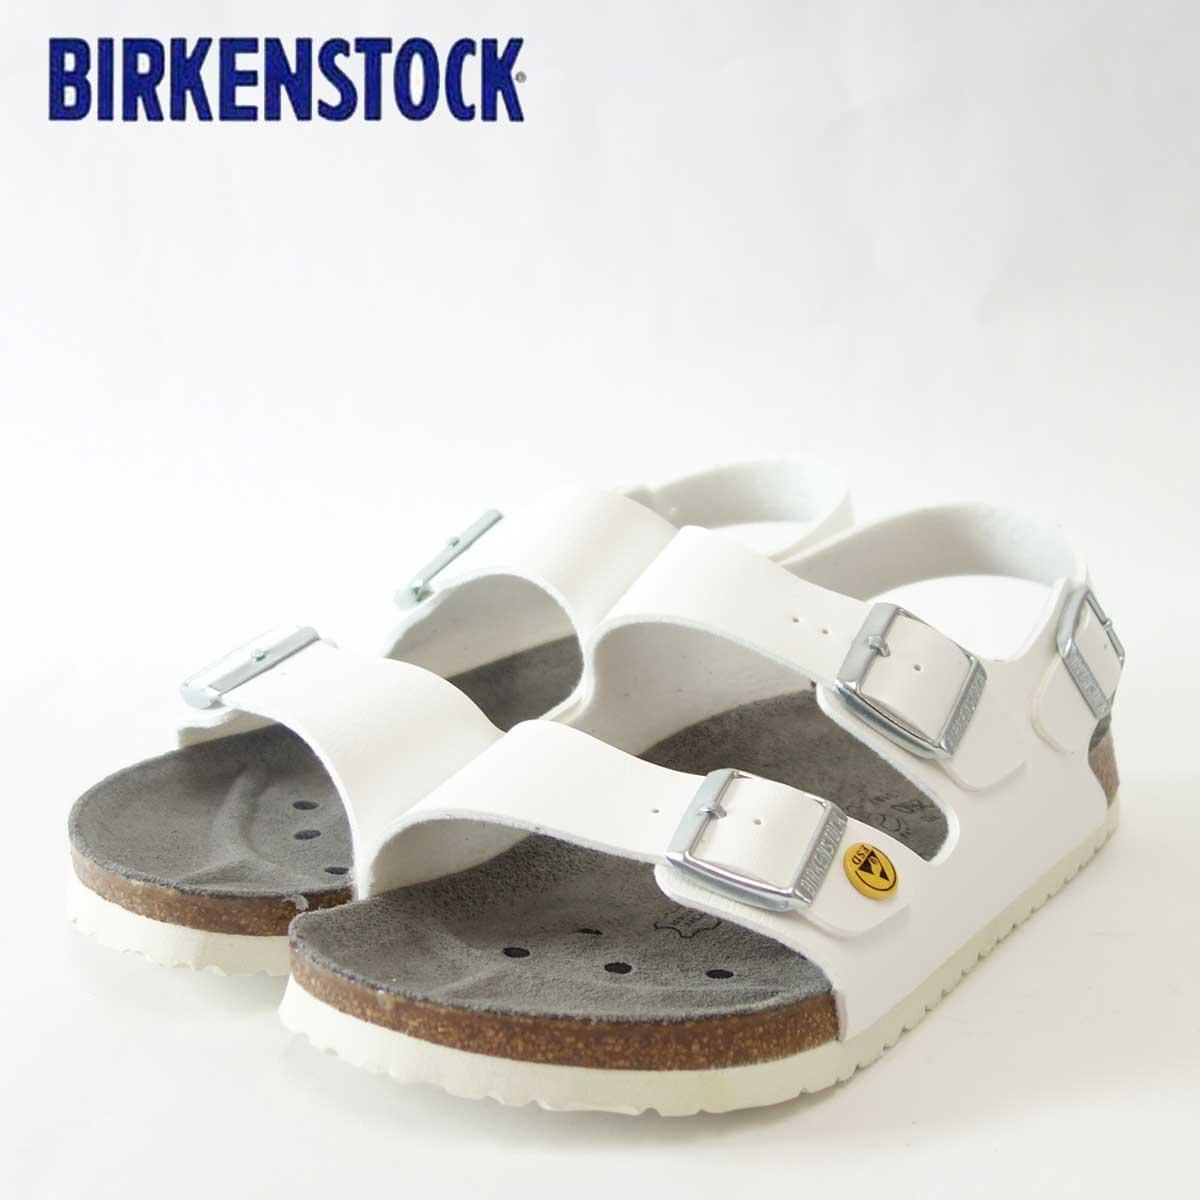 BIRKENSTOCK ビルケンシュトック プロフェッショナル MILANO(ミラノ) ESD(帯電消散機能付き)GP 634880 ホワイト(メンズ)「靴」サンダル ALPRO アルプロ 医療機関用